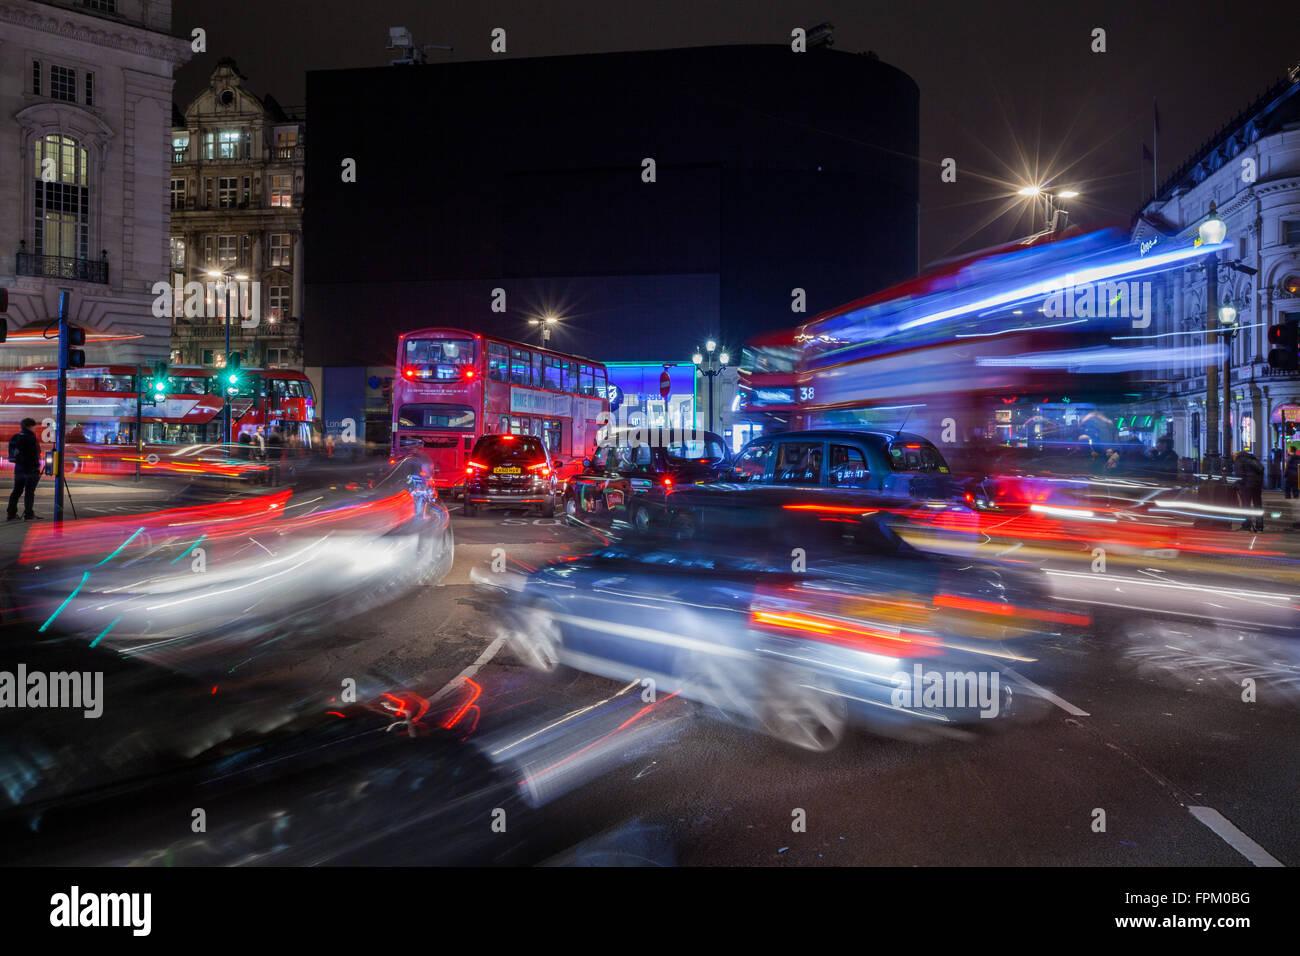 Londres, Reino Unido. 19 Mar, 2016. Este sábado, 19 de marzo, a las 8:30 PM, para la hora de la tierra, se Imagen De Stock